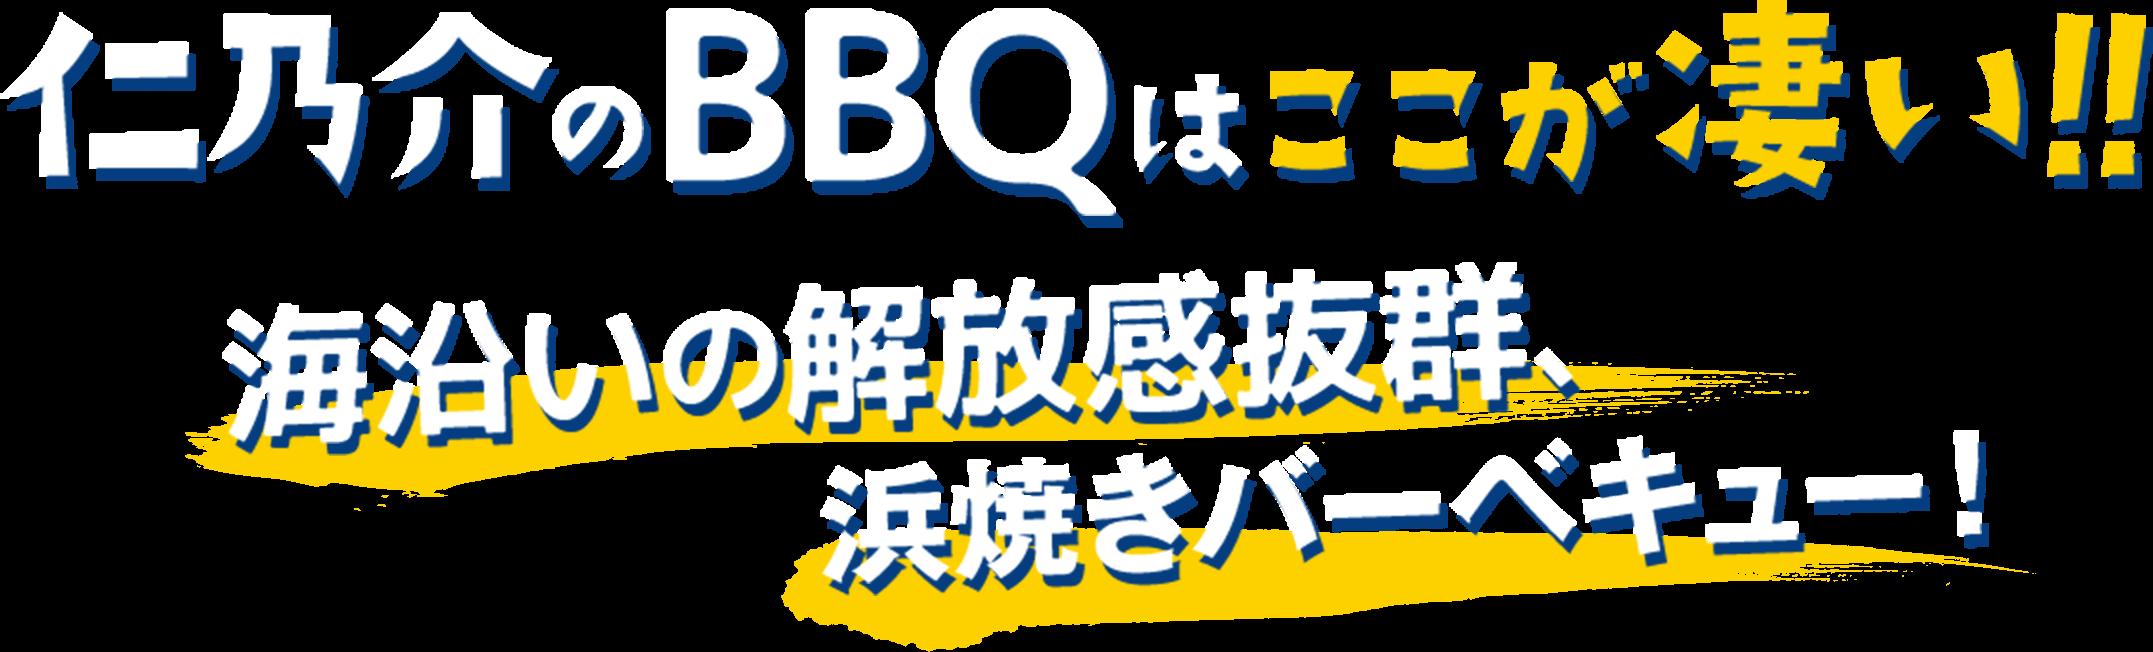 仁乃介のBBQはここがスゴい!!海沿いの開放感抜群、海賊バーベキュー!